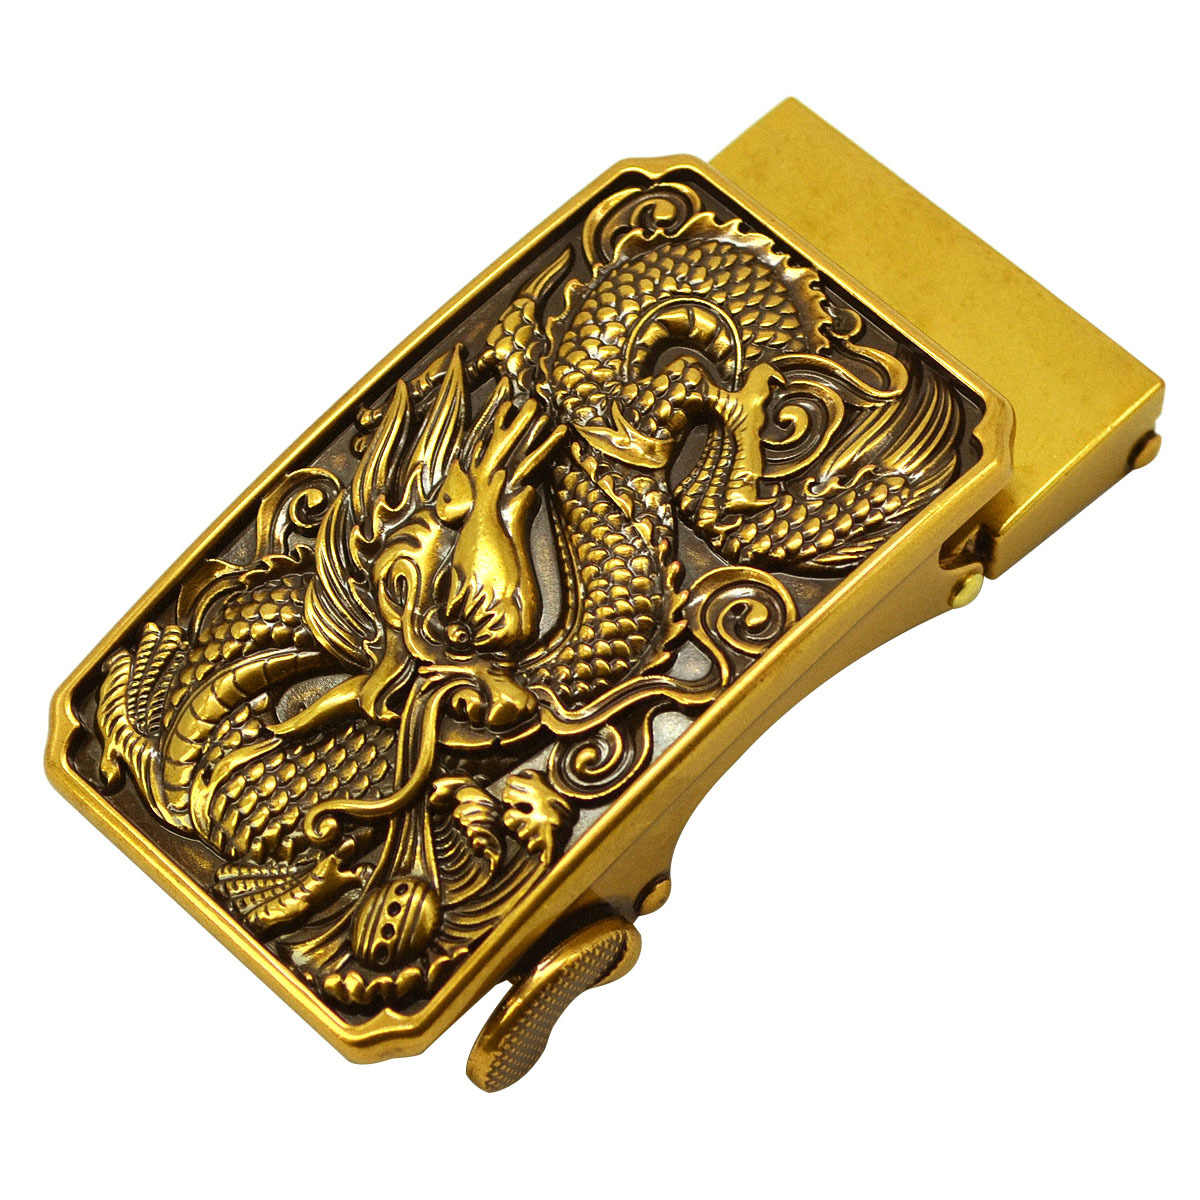 جديد العتيقة التلقائي مشبك الرجال حزام رئيس الرجعية سبيكة مشبك بنطلون حزام مشبك رئيس الذهبي صنبور مشبك الفاخرة الموضة